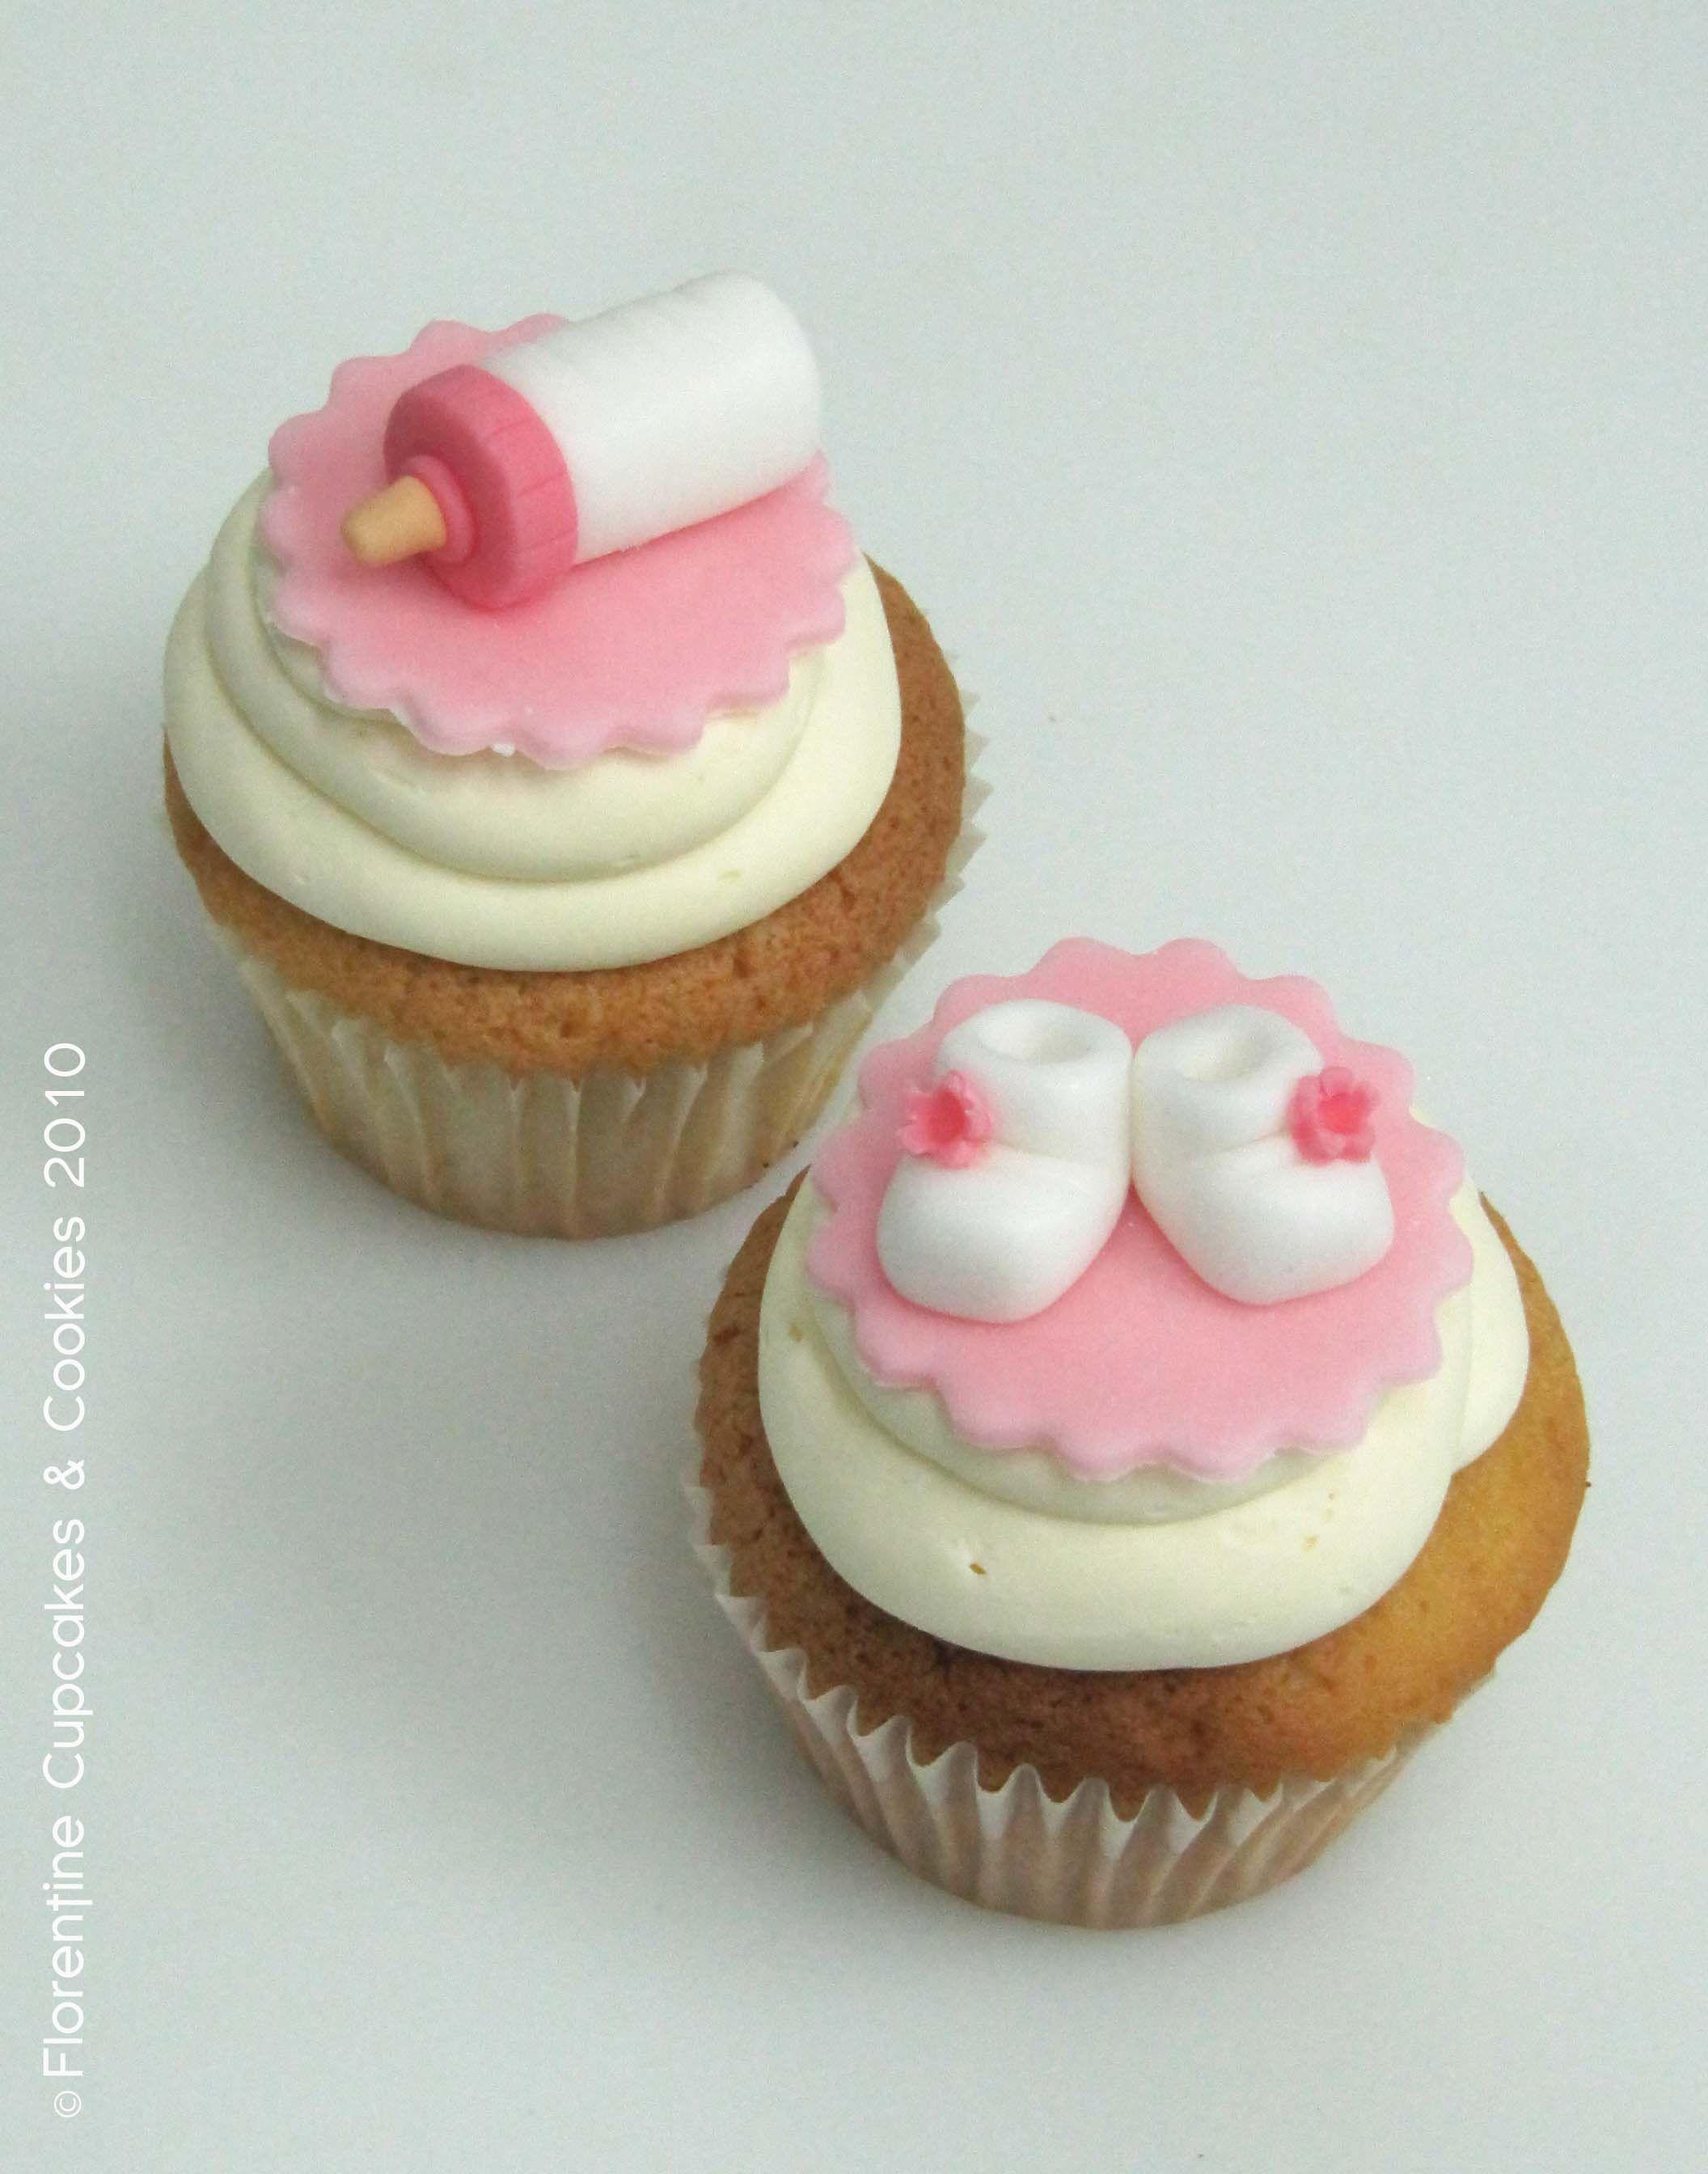 Modelos Cupcakes Baby S Galletas Decoradas Galletas De